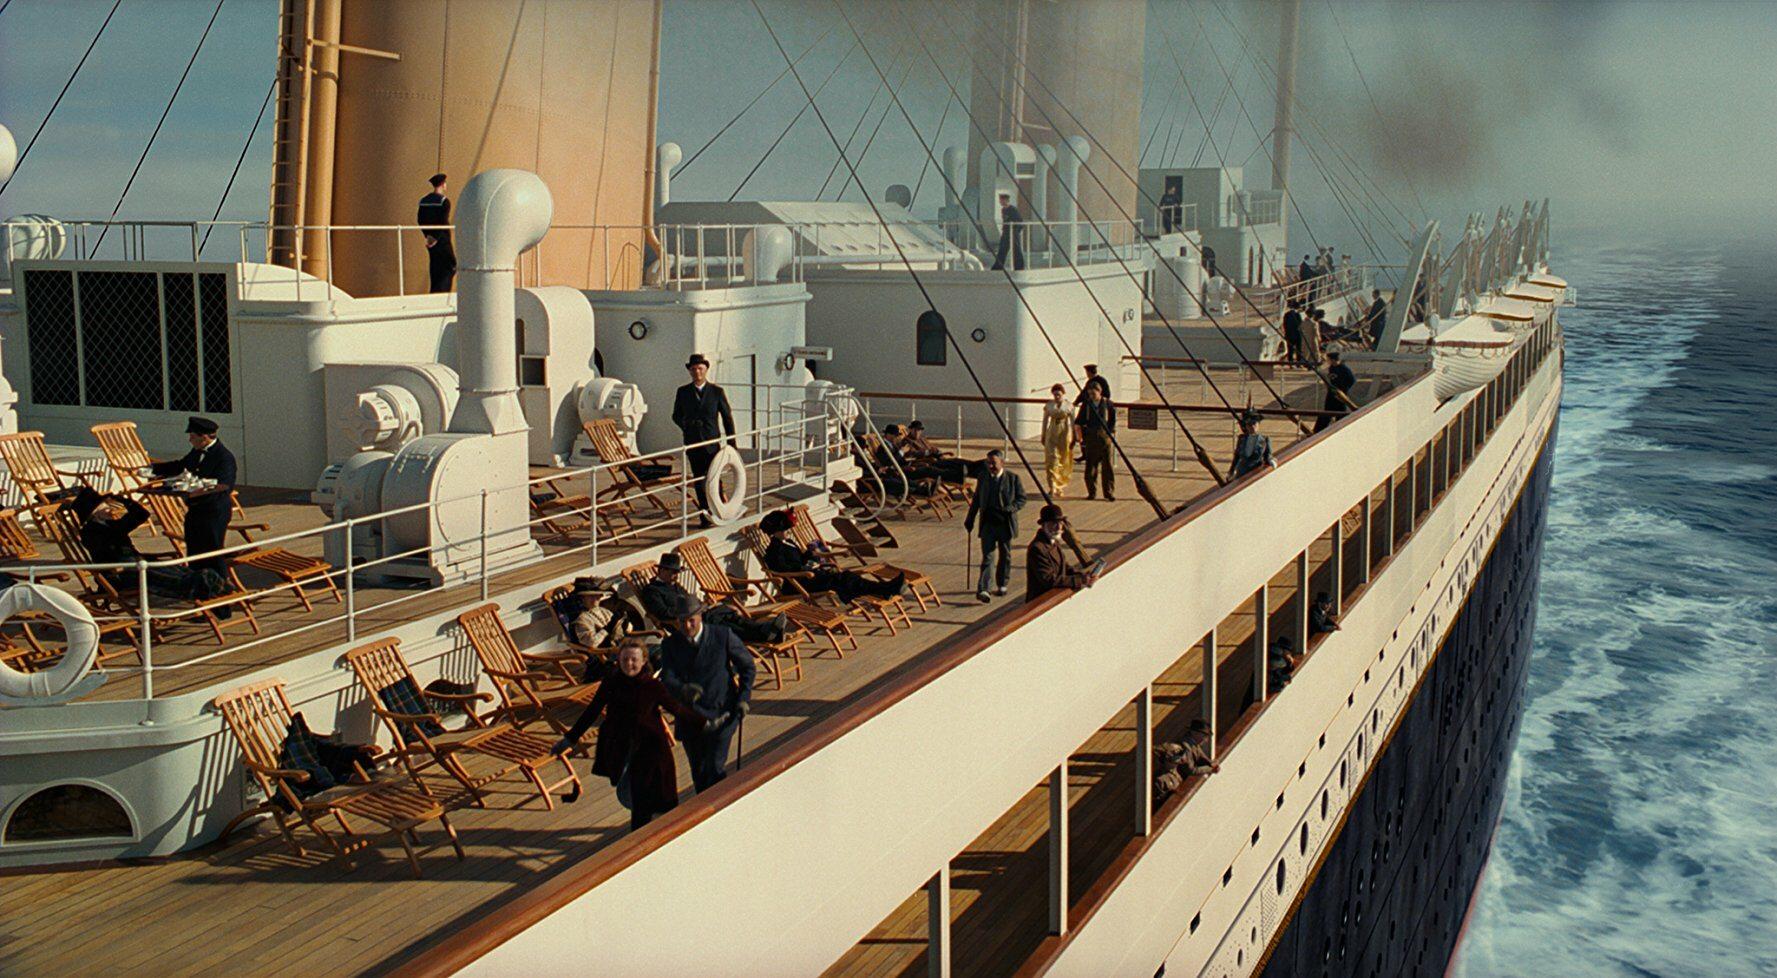 Jaką trasę miał przebyć Titanic?